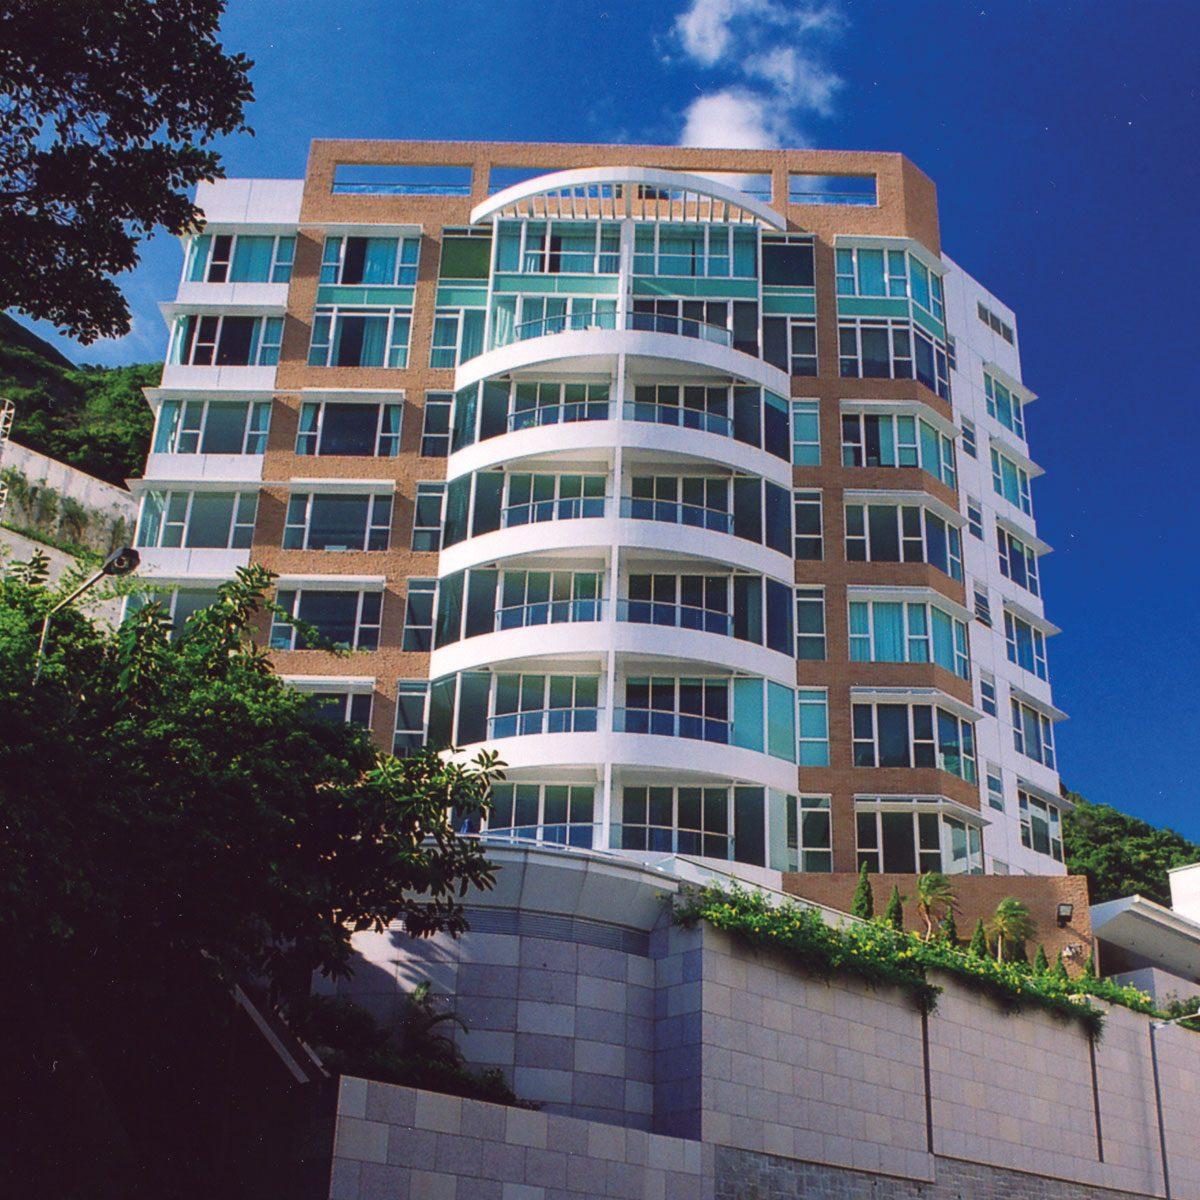 No. 3 South Bay Close, Residential Redevelopment at Repulse Bay, Hong Kong